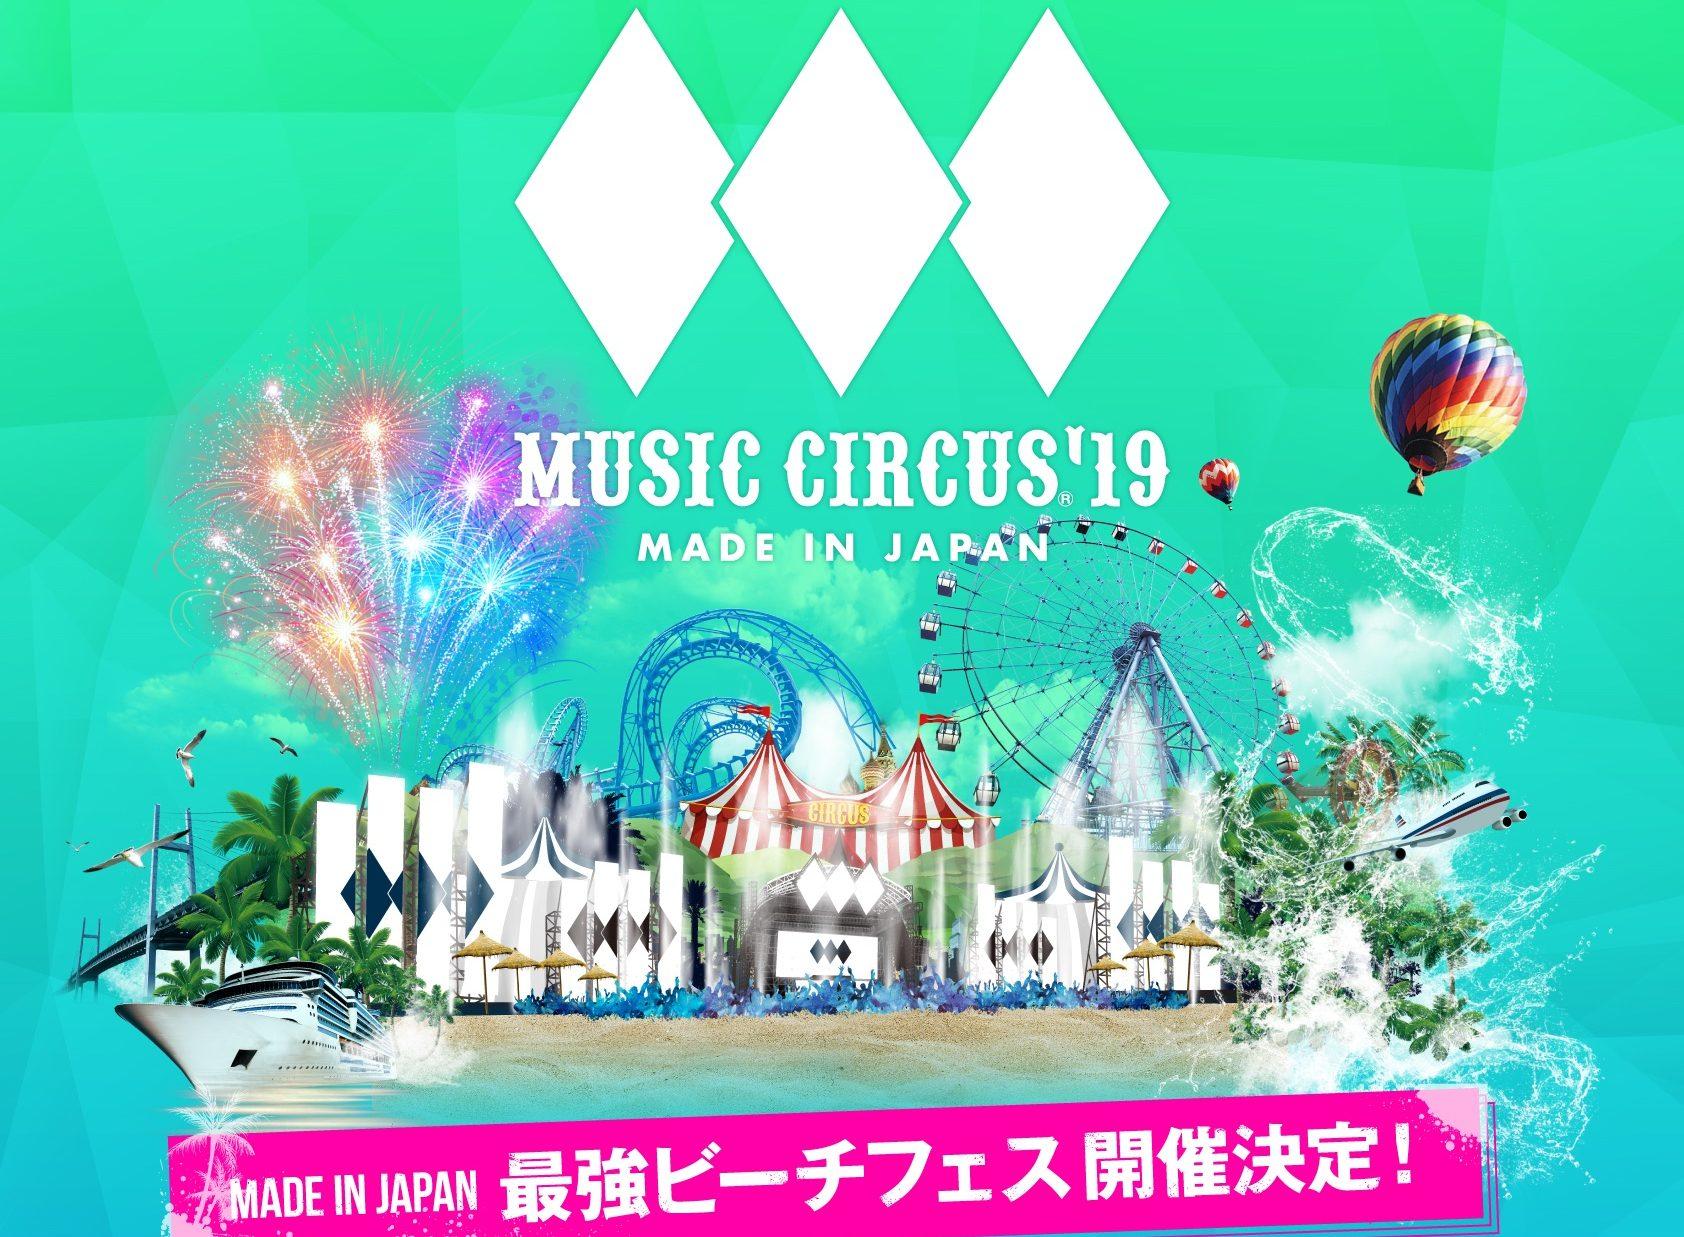 2019年8月24日(土)・25日(日)、大阪泉南の大型ビーチフェス「MUSIC CIRCUS」の開催が決定!